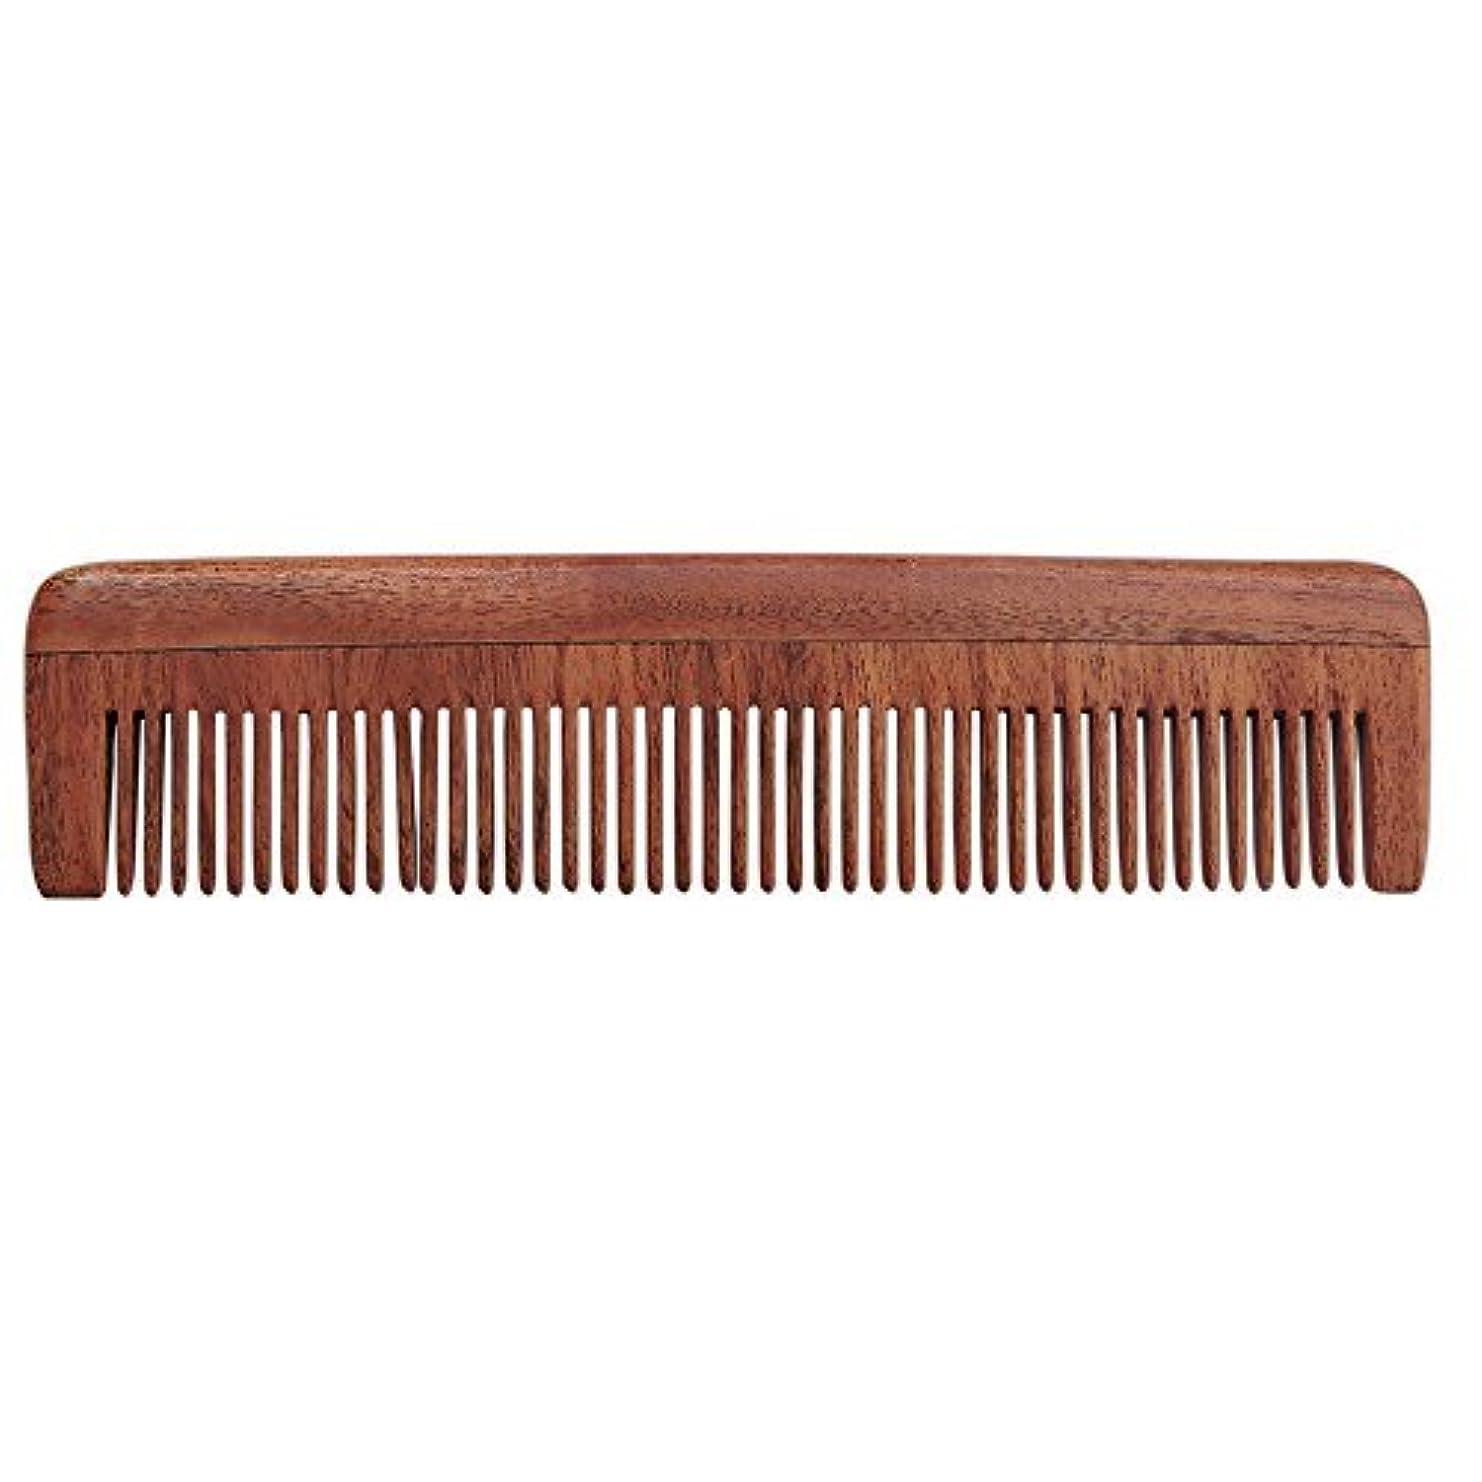 飢先住民序文HealthGoodsIn - Pure Neem Wood Fine Tooth Comb for Fine Hair | Fine Tooth Neem Comb | Organic and Natural for...